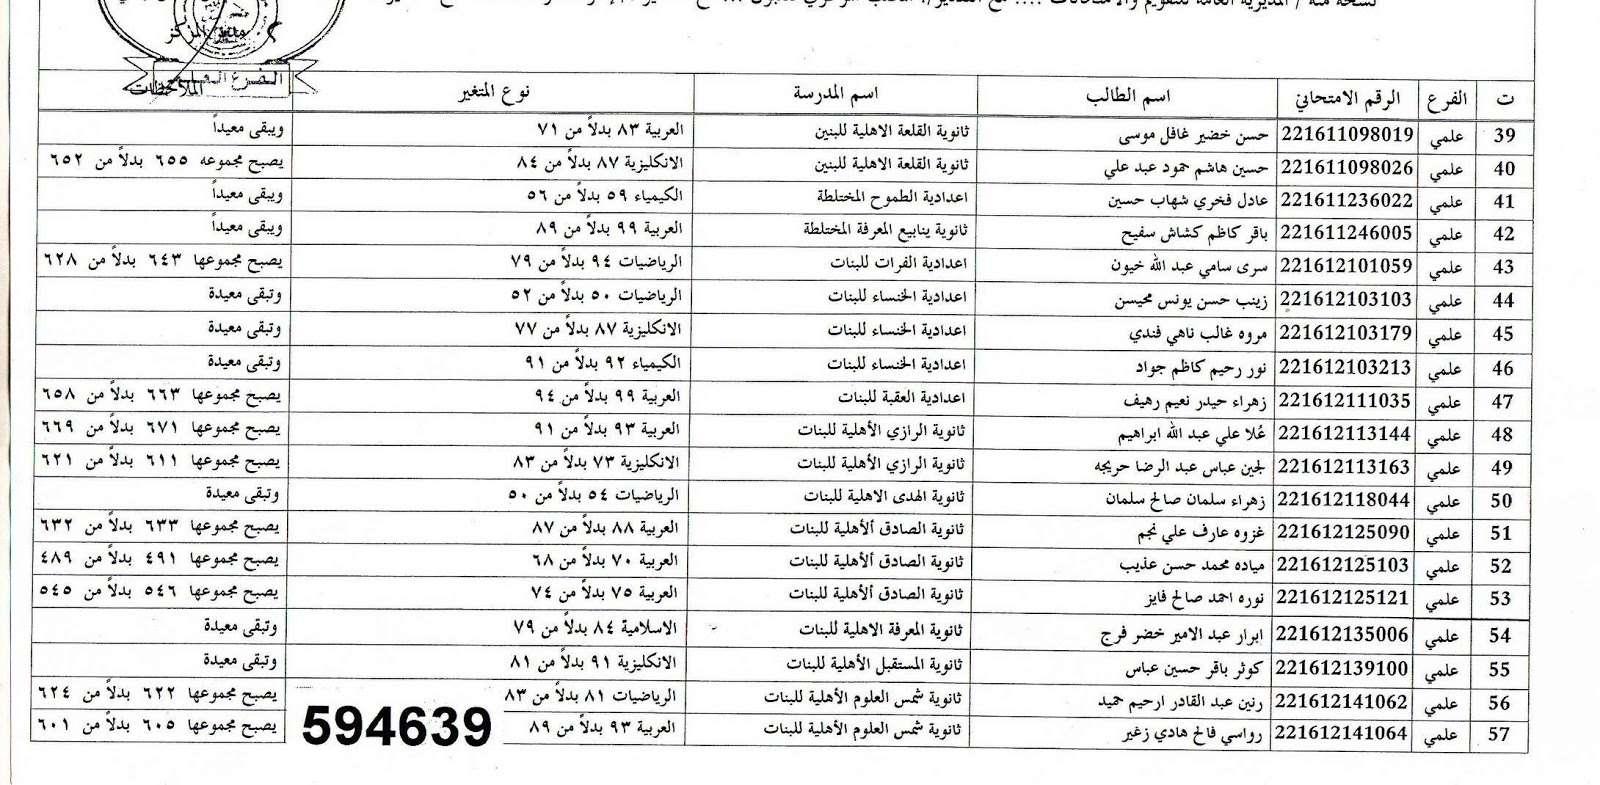 عاجل نتائج اعتراضات السادس الاعدادي في ذي قار 2016 316